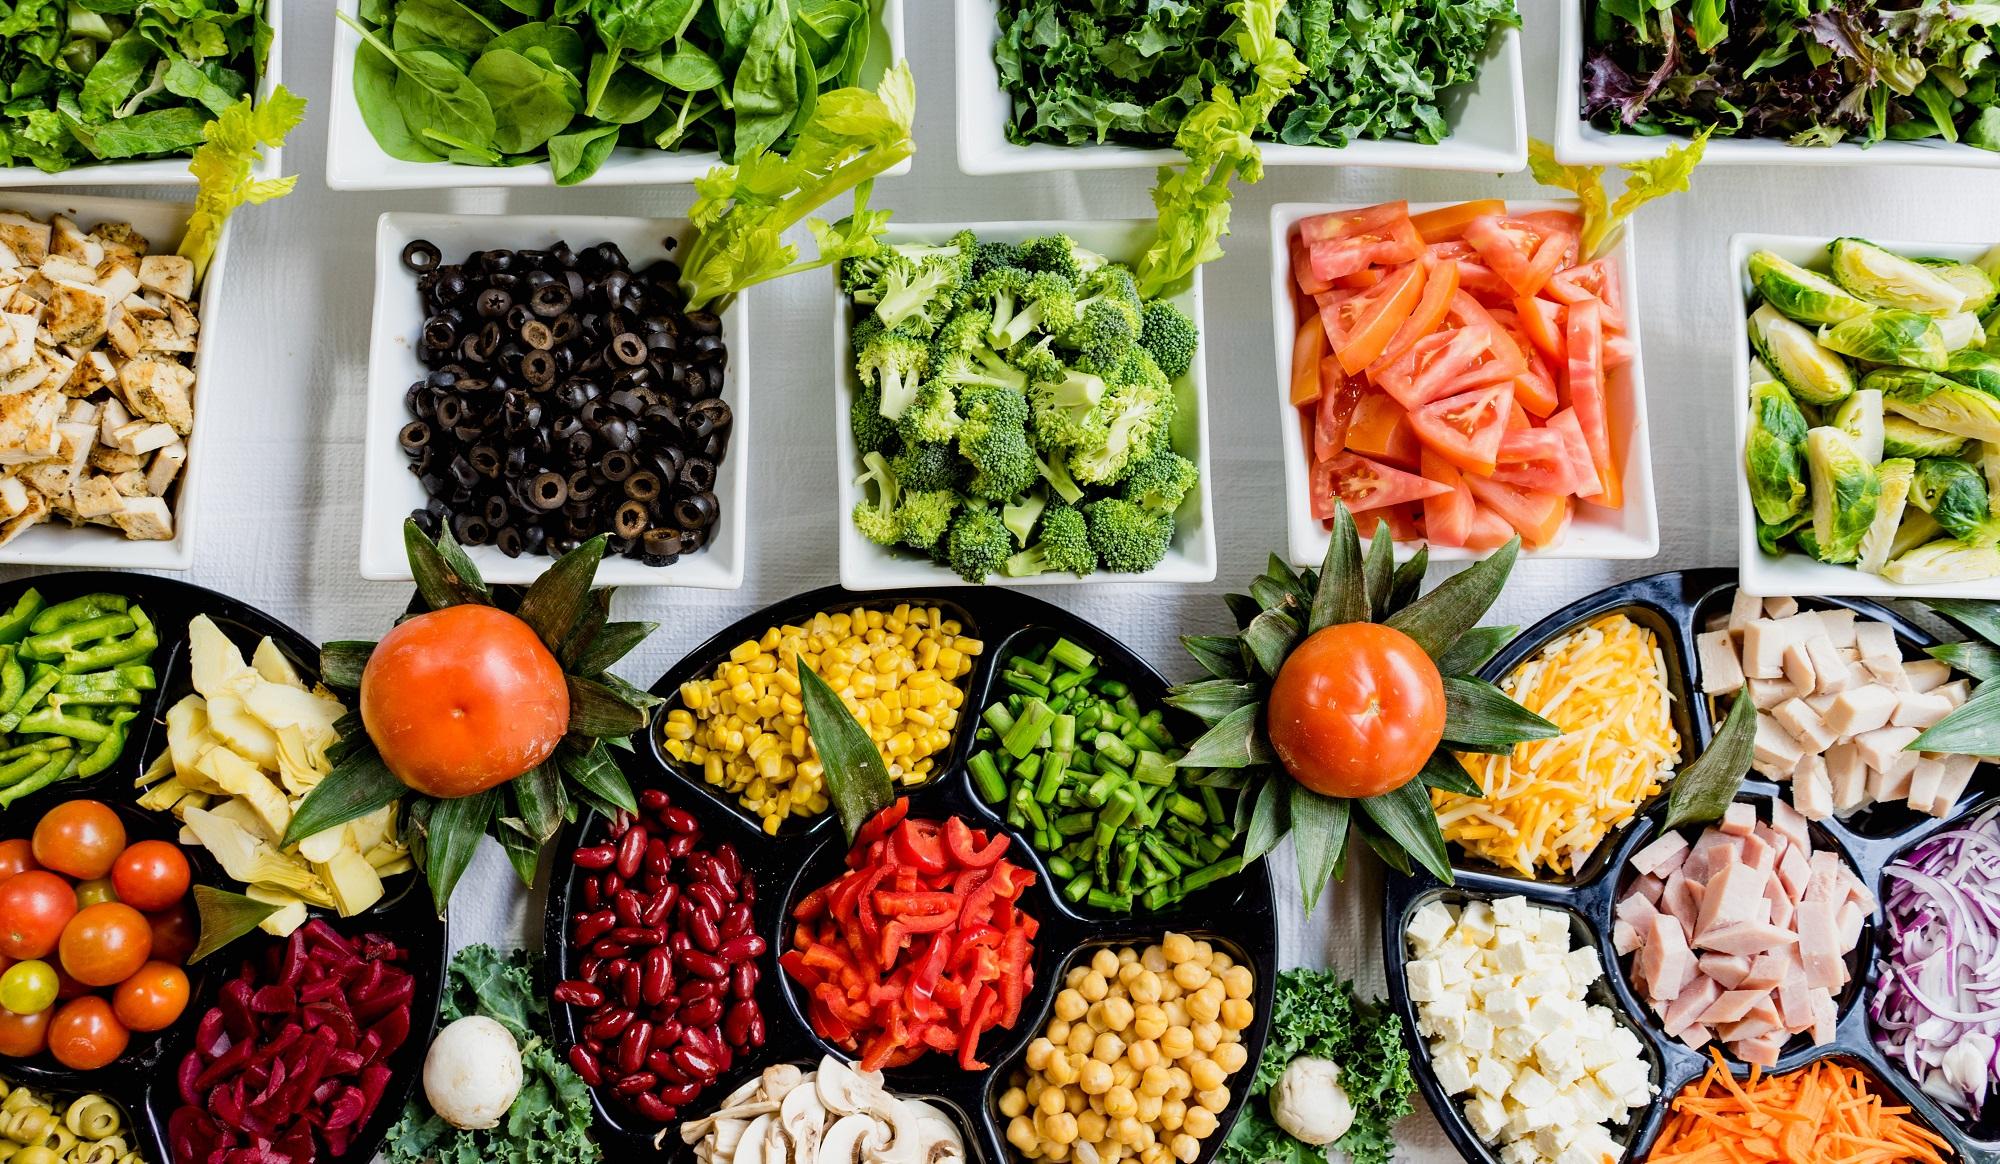 Recaller servizio intolleranze alimentari presente in Farmacia Negrini